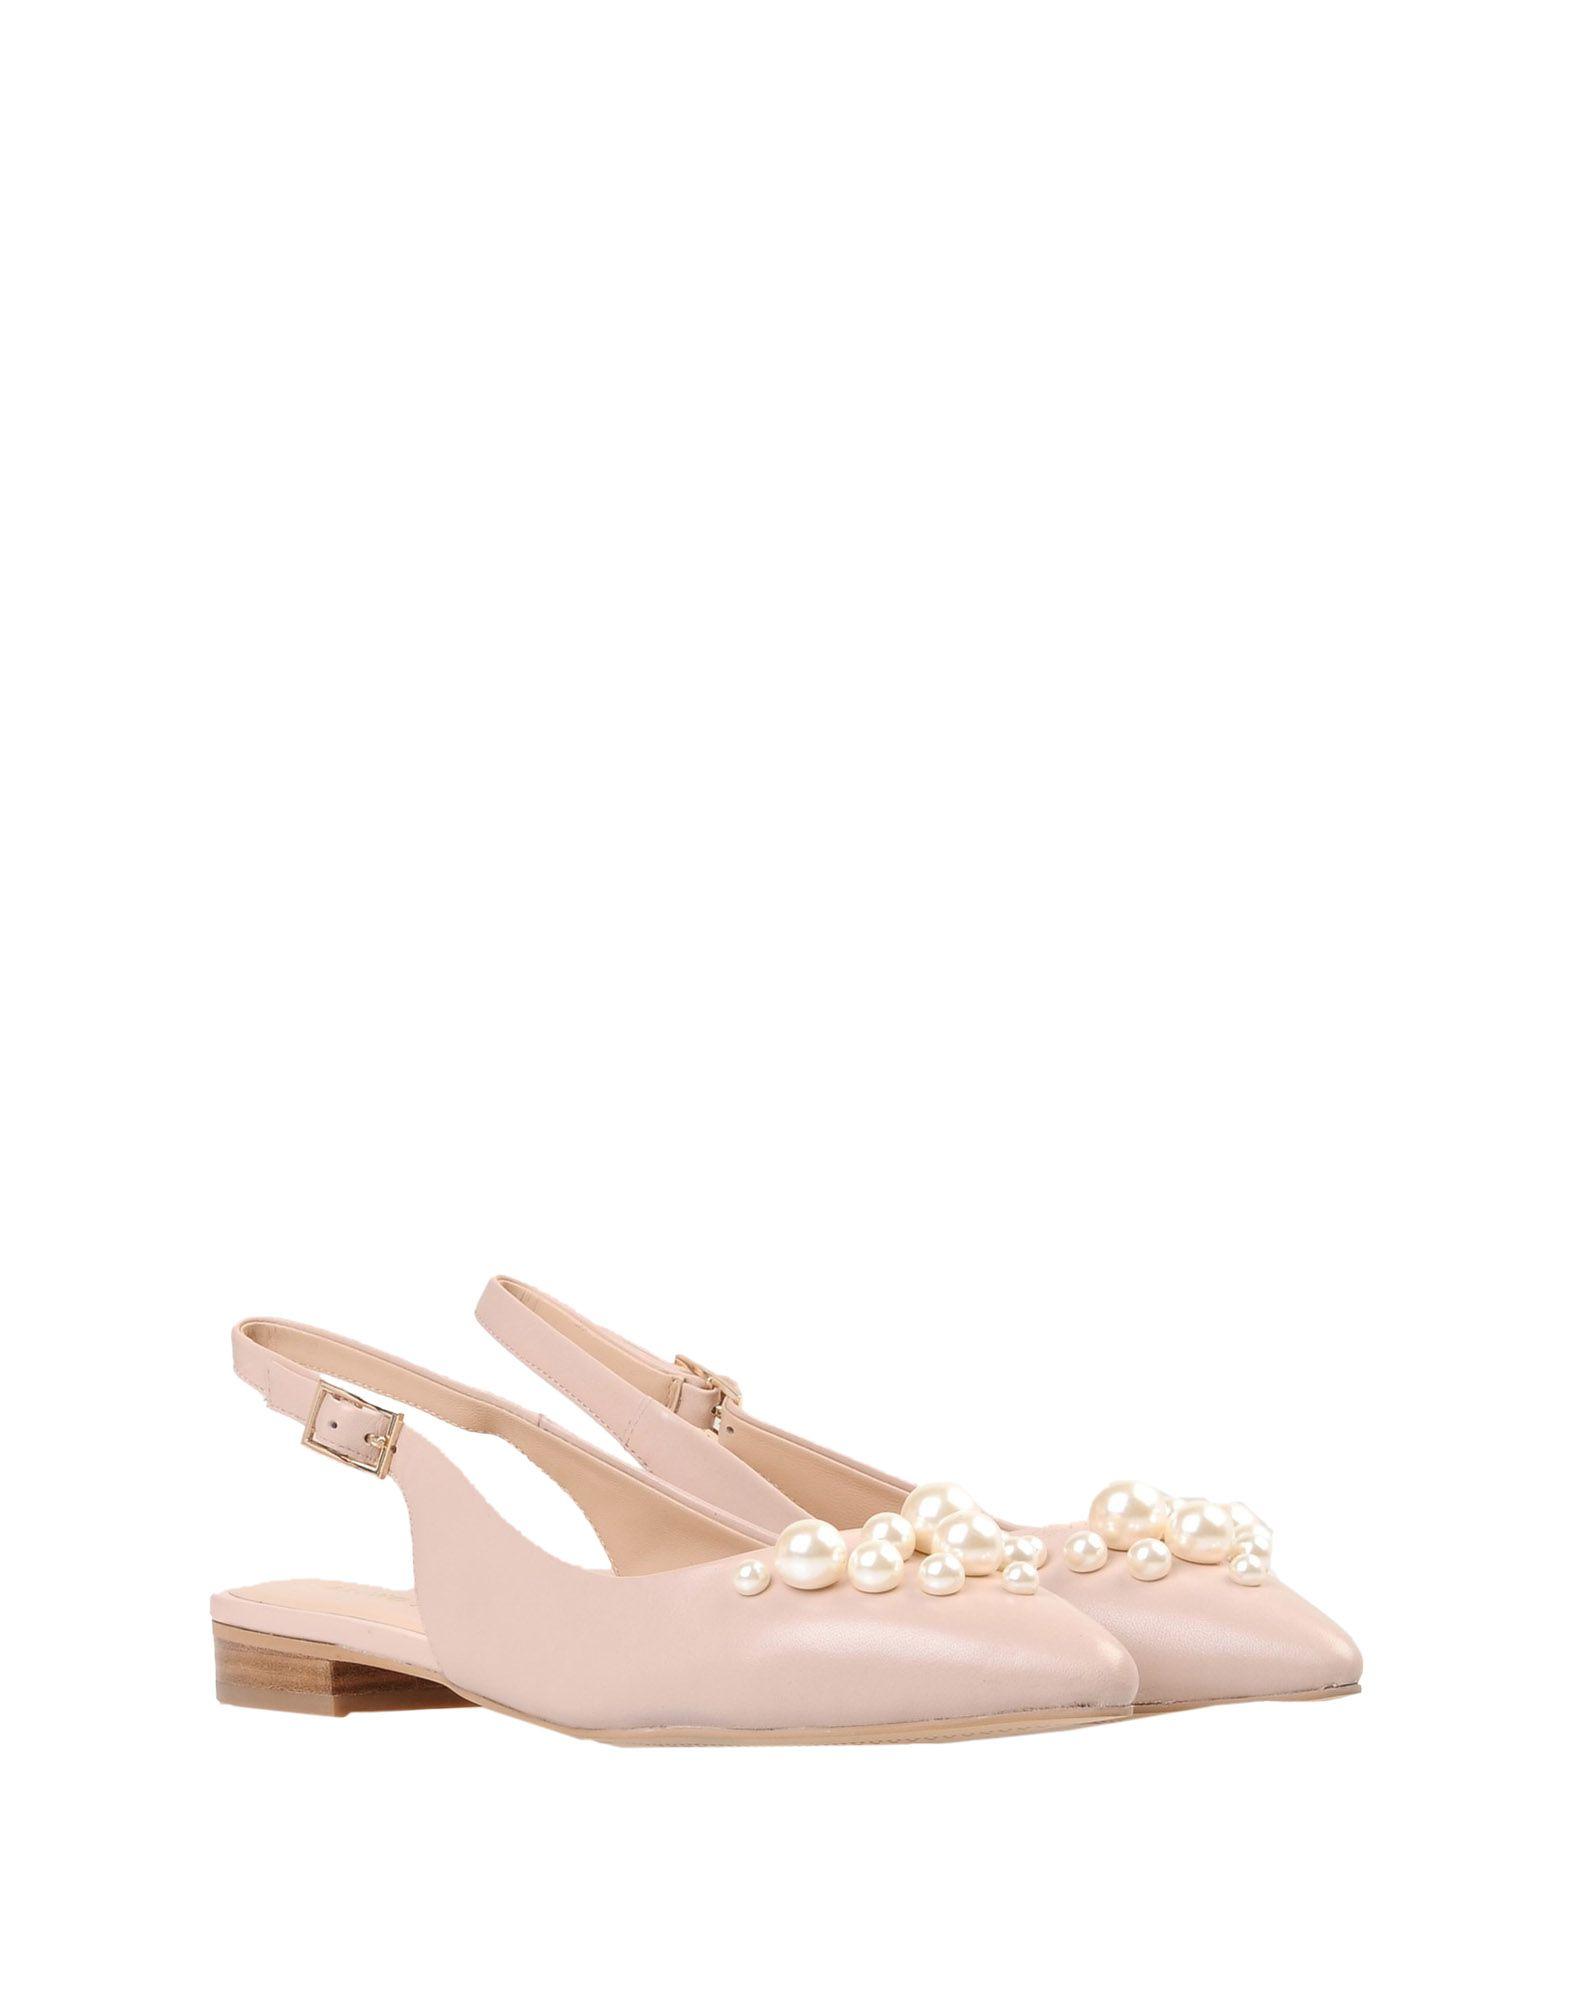 Bruno Premi Ballerinas Damen  11463661SN Gute Qualität beliebte Schuhe